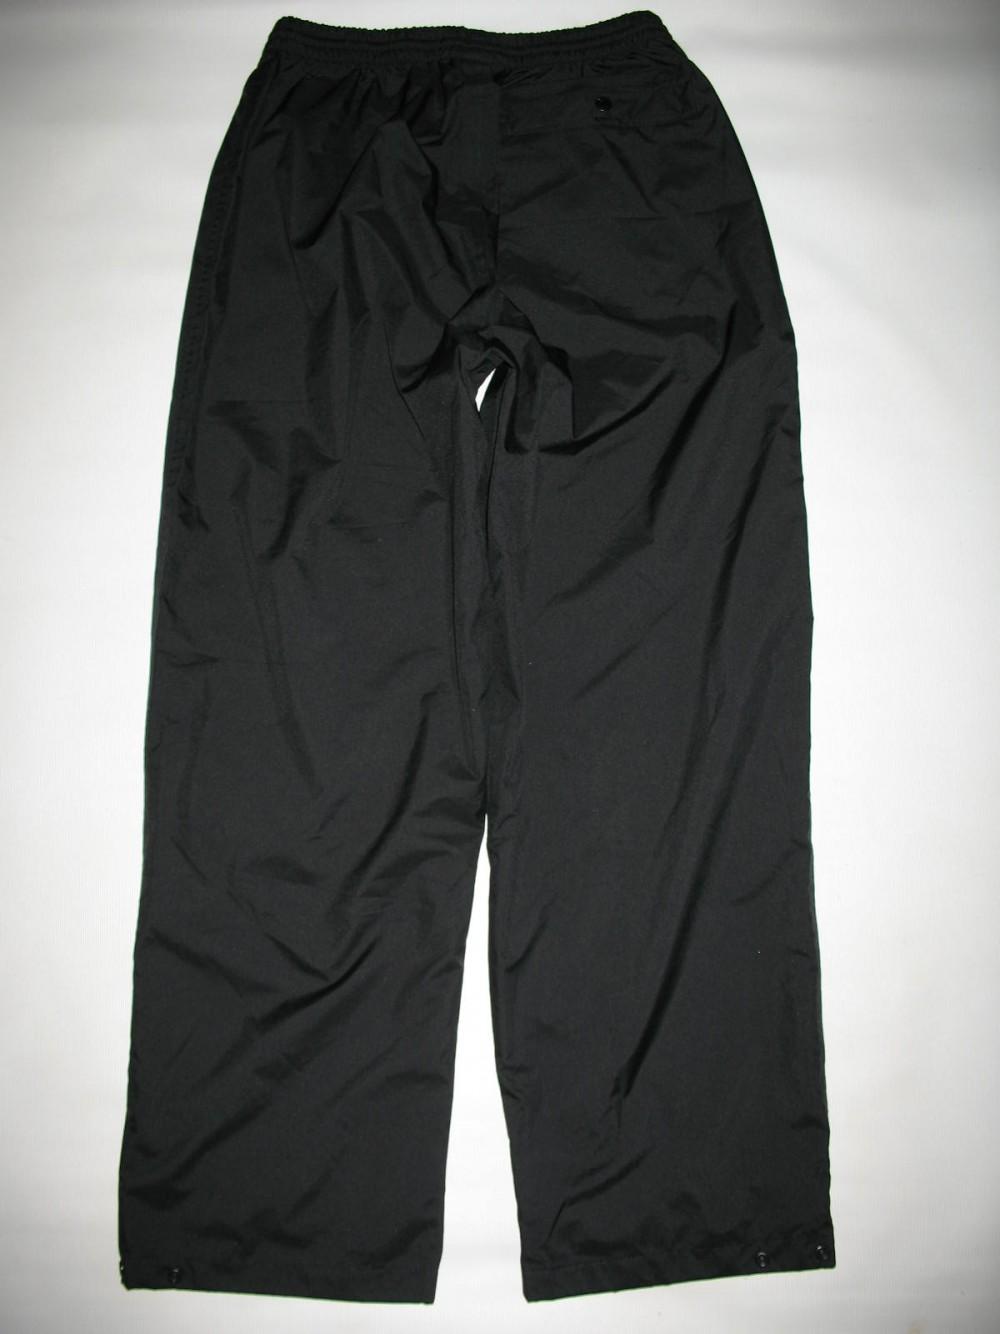 Штаны HELLY HANSEN hellytech pants (размер М) - 2